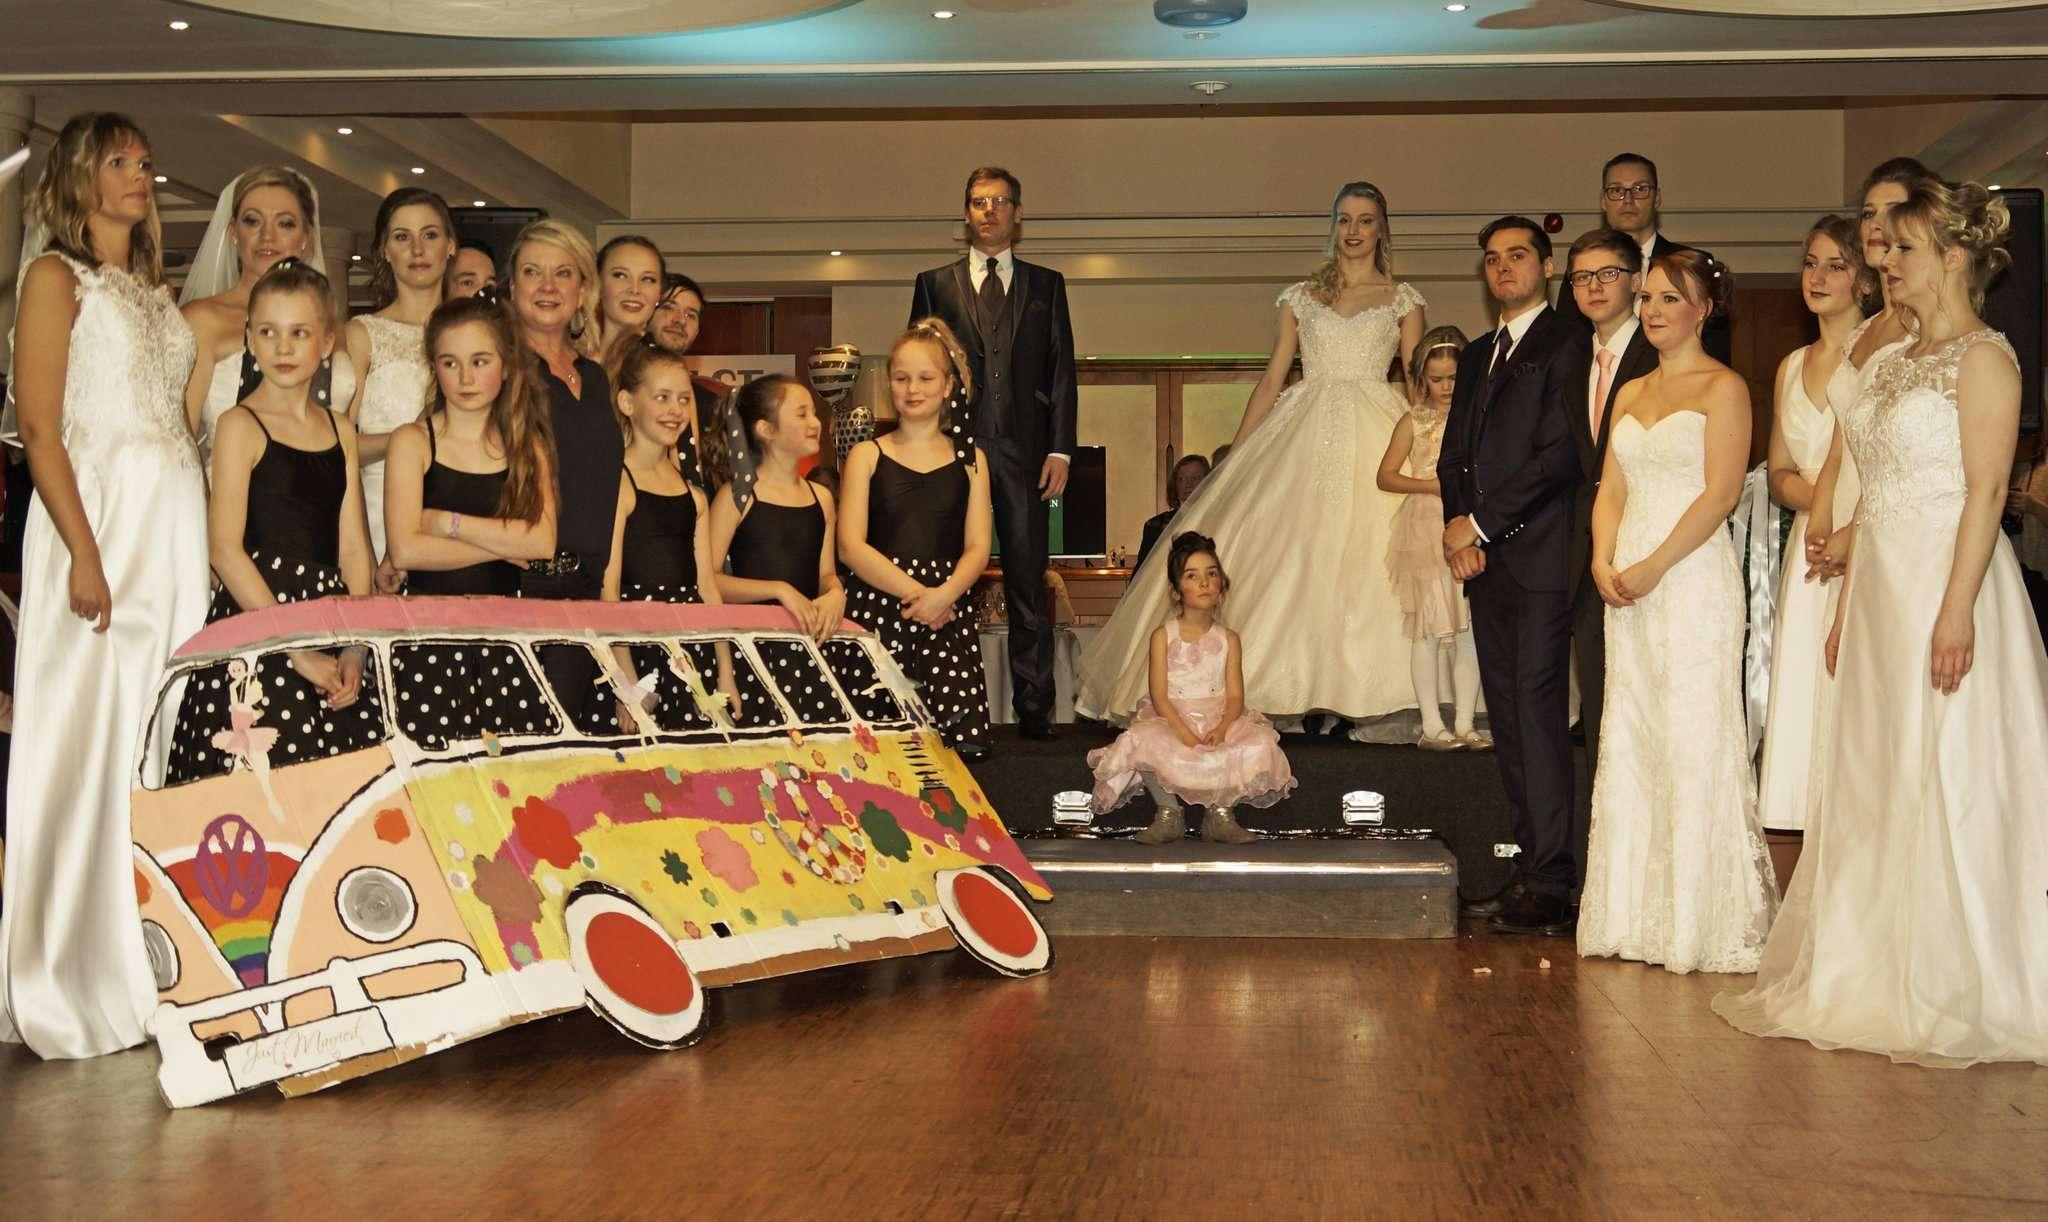 Viel Applaus erhielten die großen und kleinen Models, als sie die aktuellen Modetrends für Brautpaare und ihre Gäste vorführten. Foto: Erich Schulz